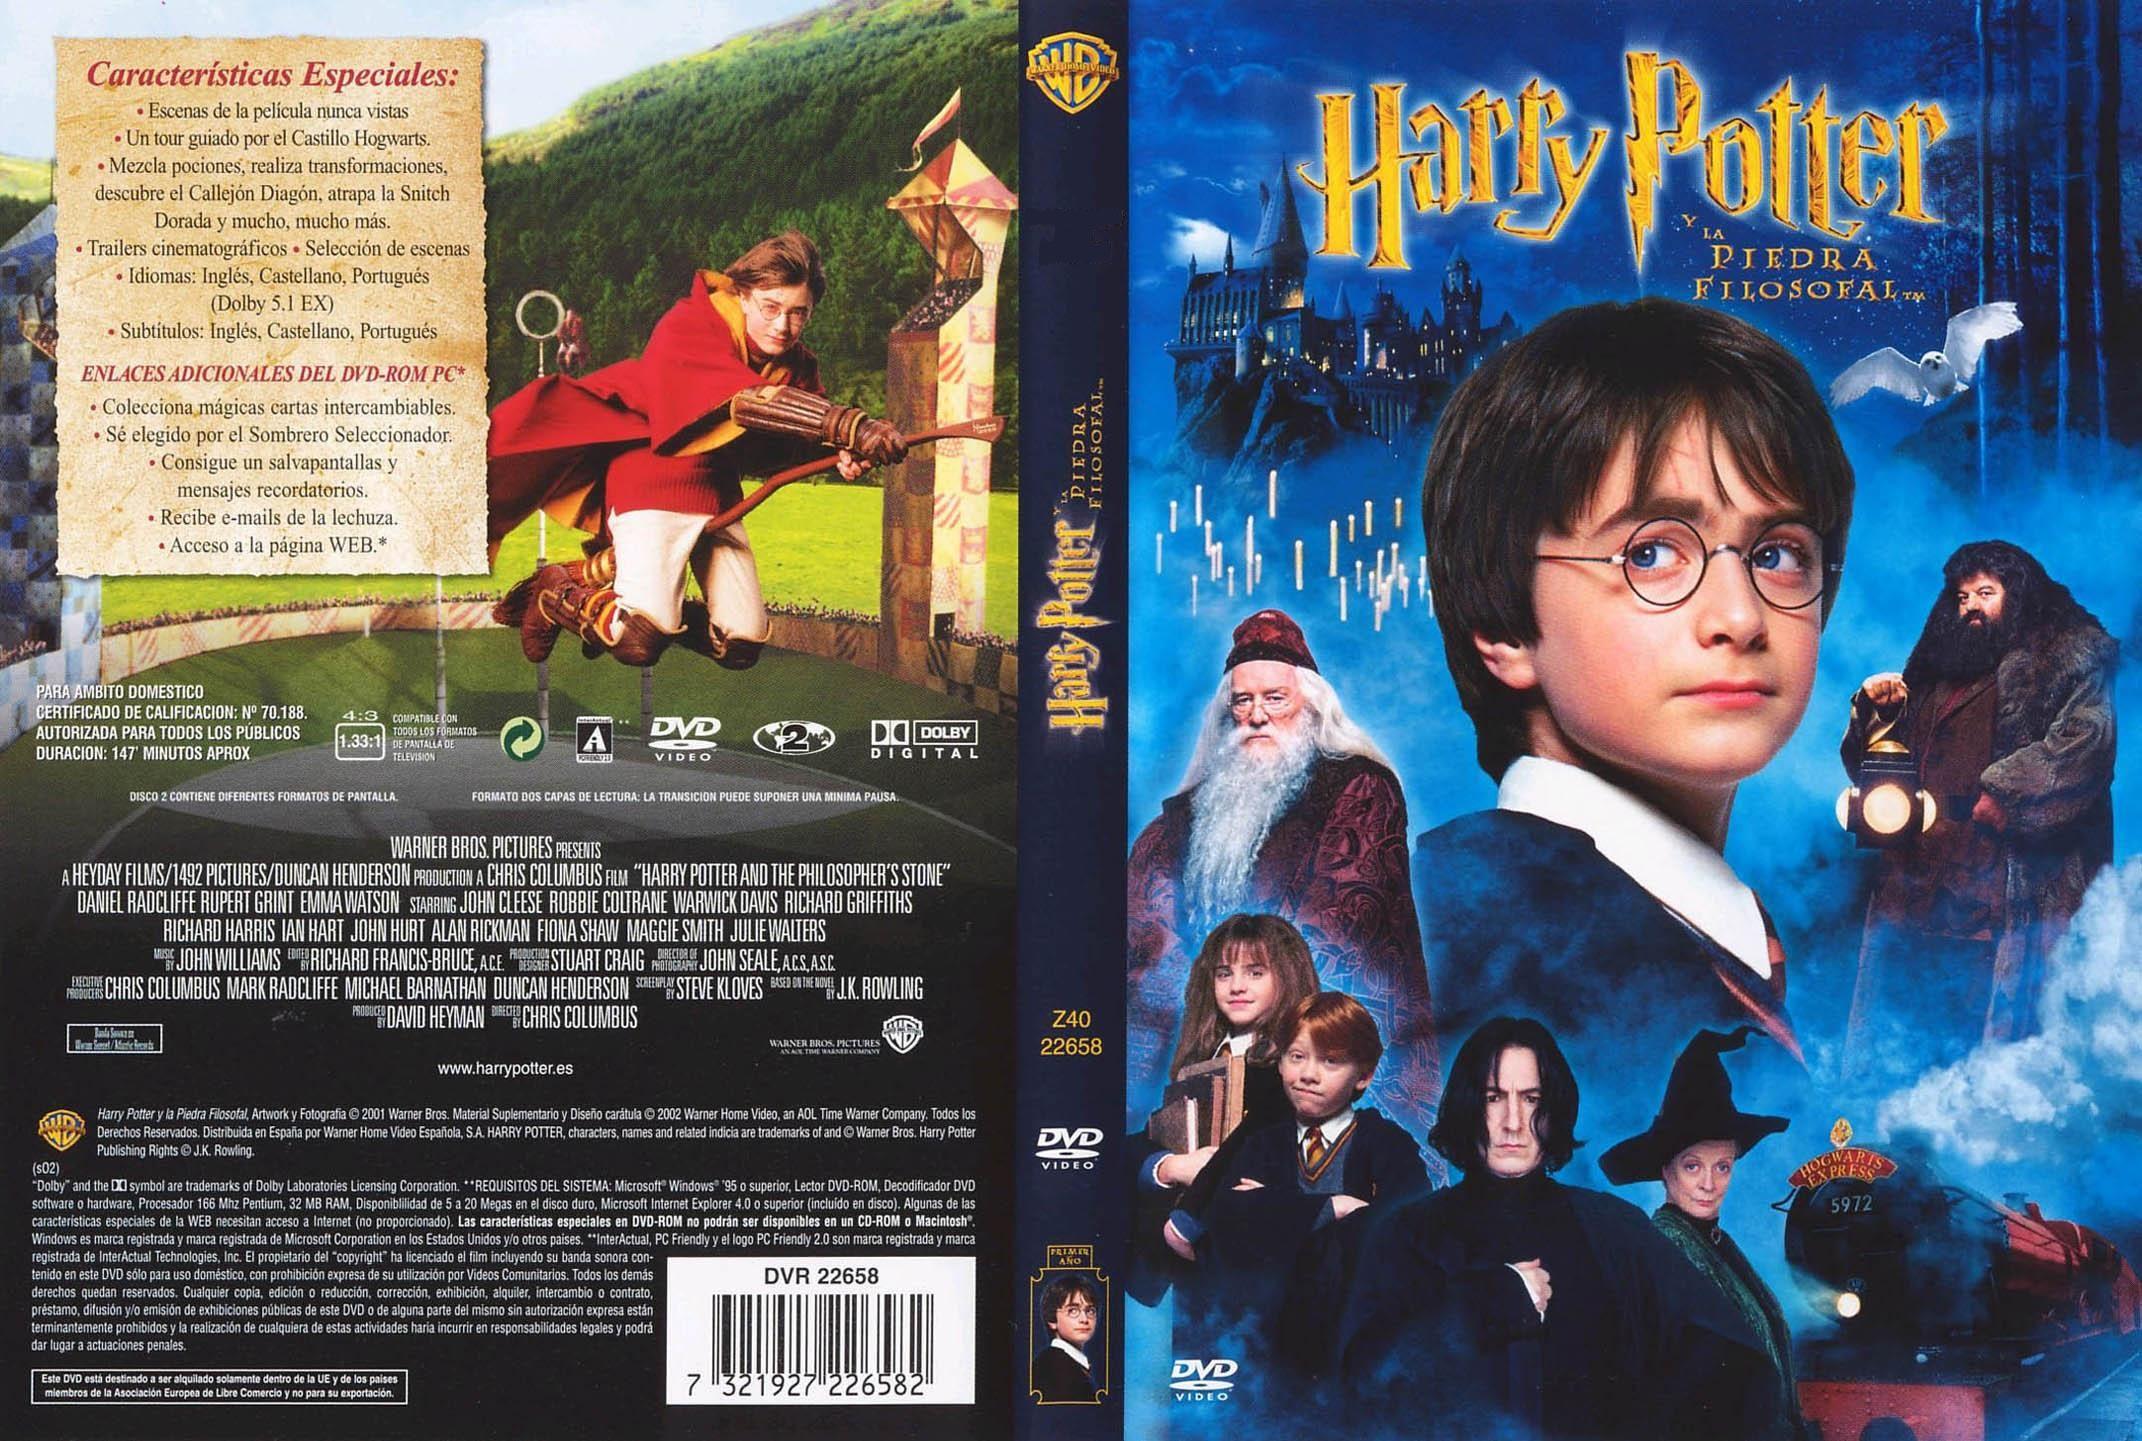 Harry Potter Y La Piedra Filosofal Pelicula Dvd Cover Harry Potter Harry Potter Book Covers Dvd Covers